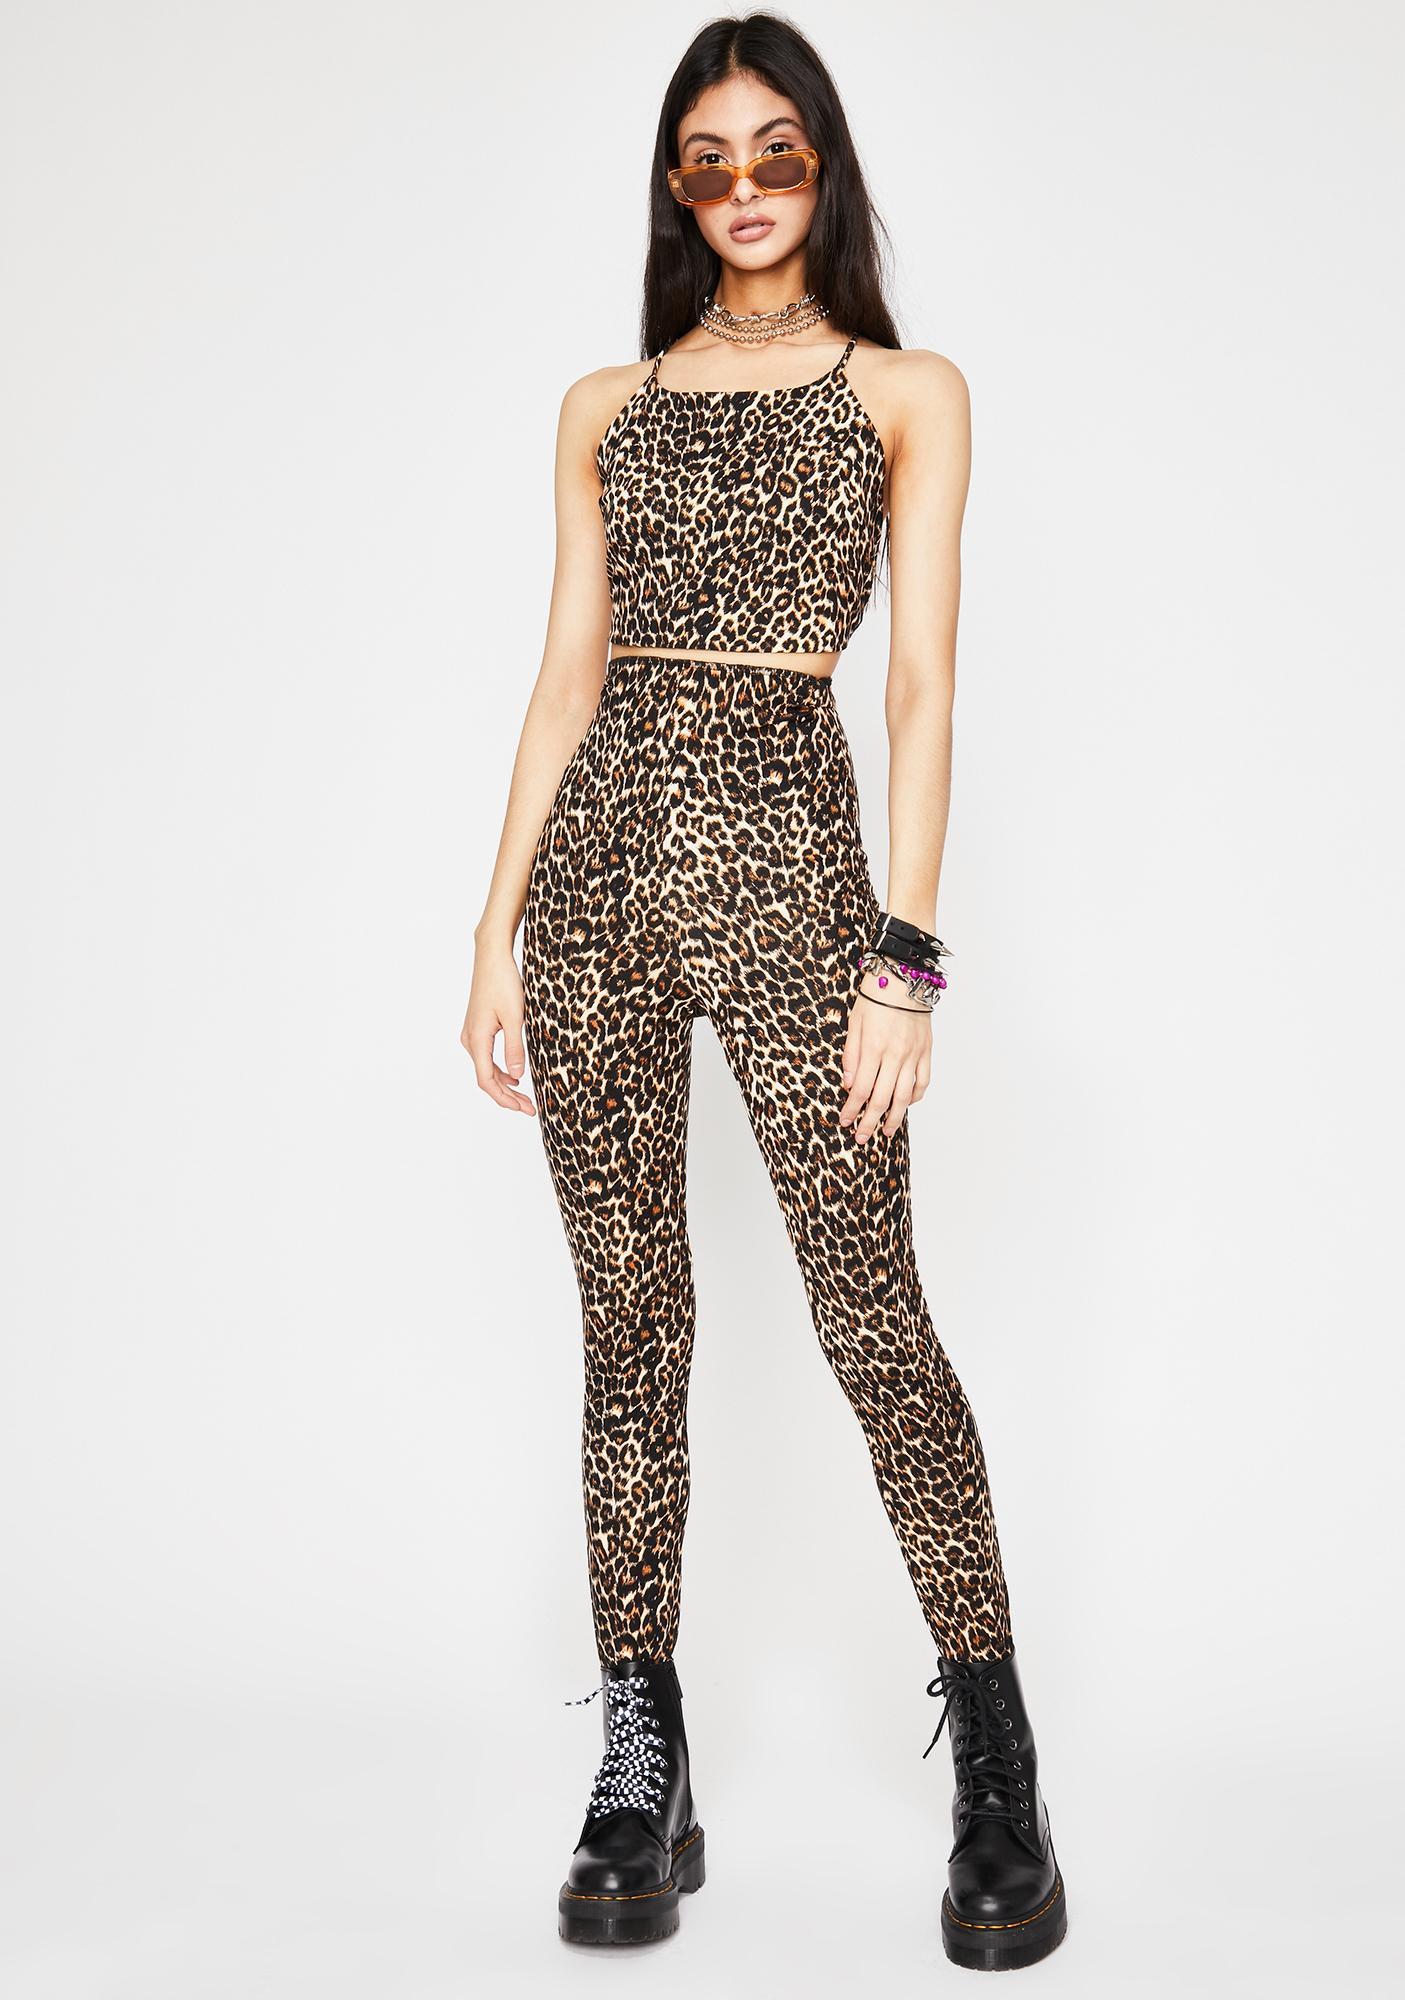 Purrrfection Leopard Set